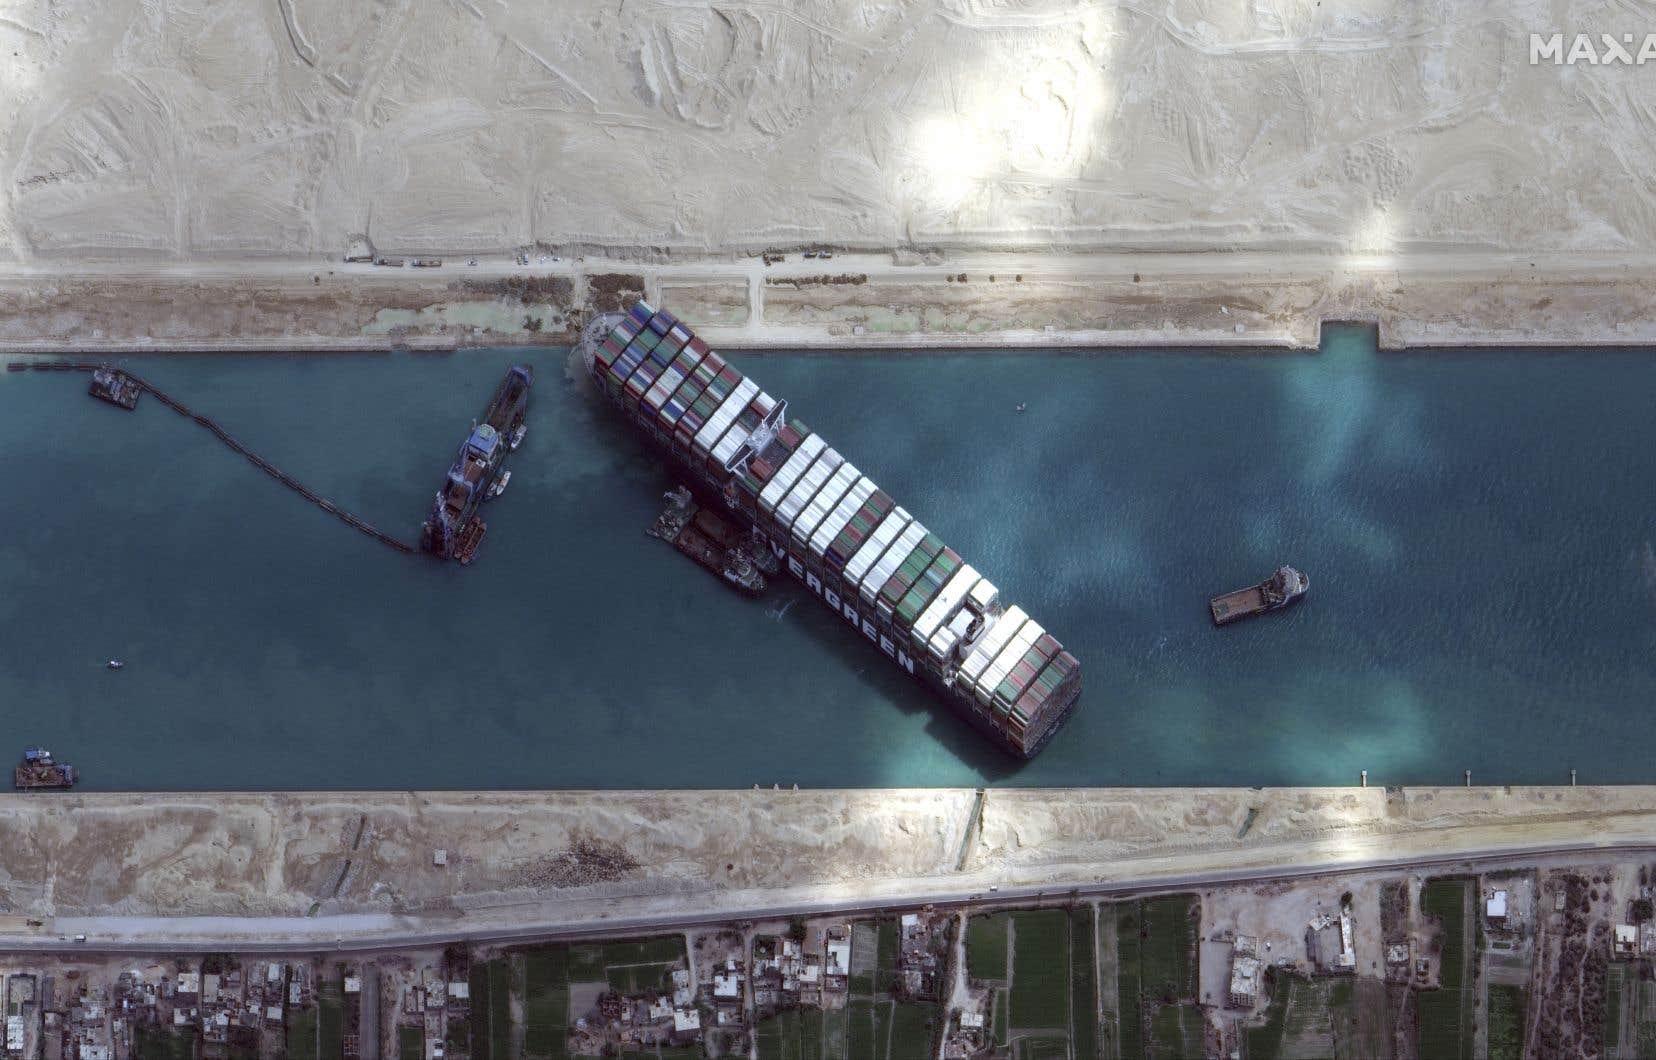 Le navire géant avait bloqué le canal de Suez pendant six jours à la fin du mois de mars.